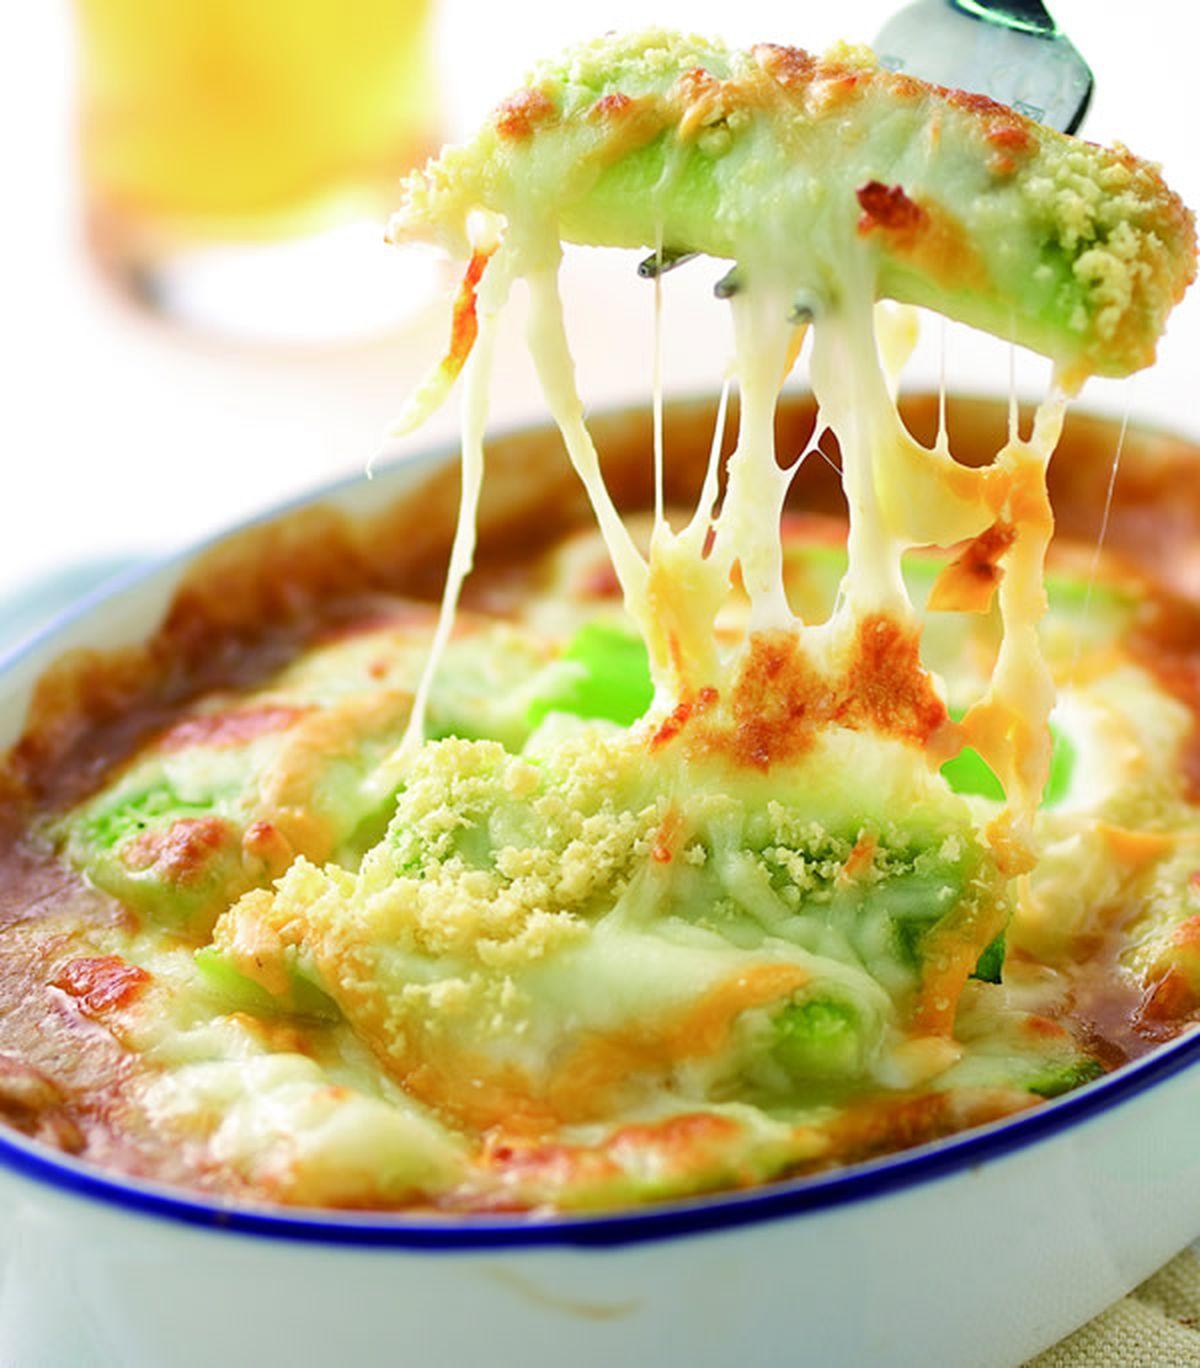 食譜:洋蔥蘑菇焗烤絲瓜